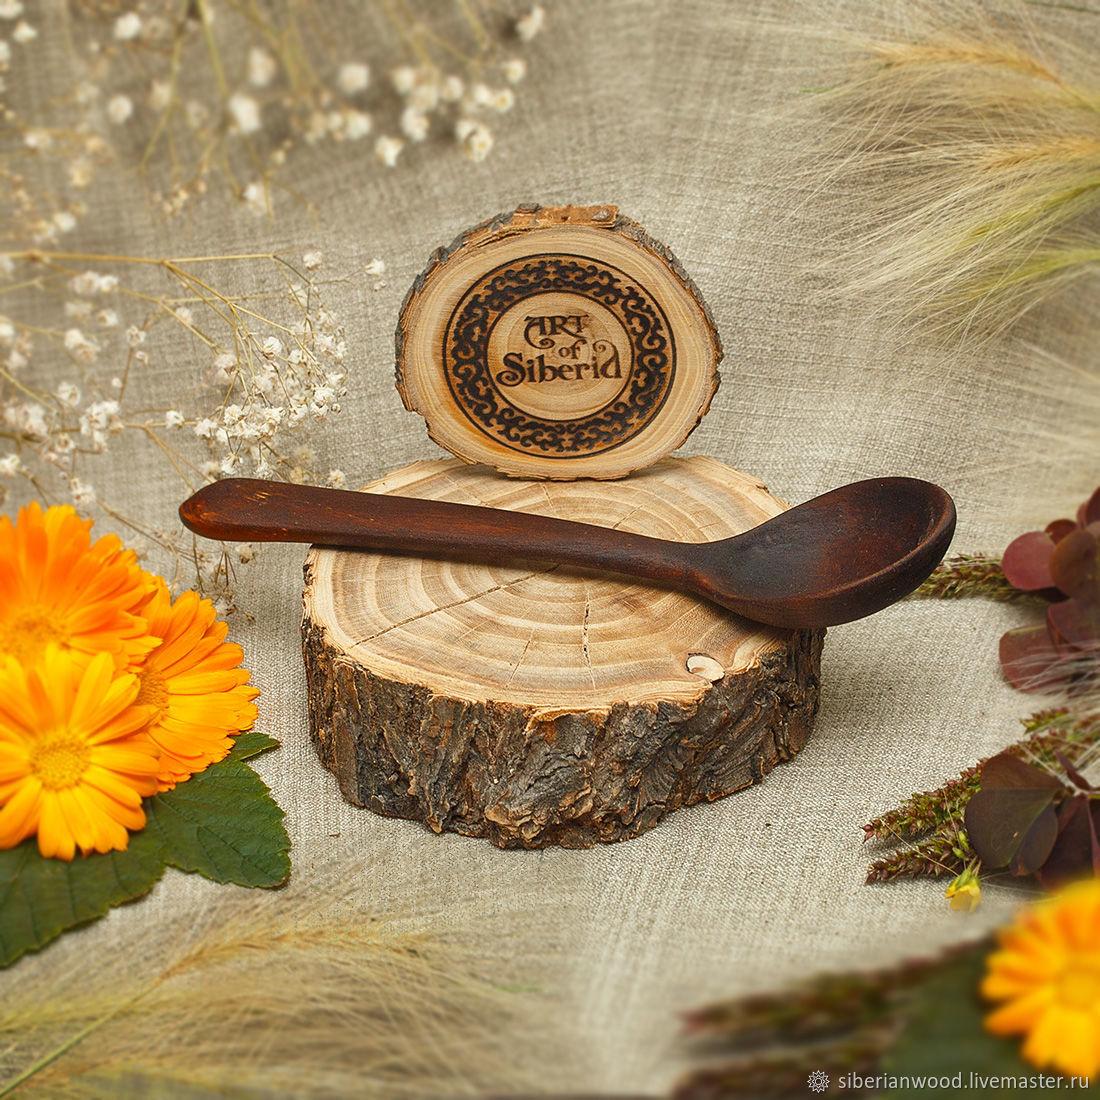 Ложка деревянная 160 мм из Сибирского Кедра #L16, Ложки, Новокузнецк,  Фото №1